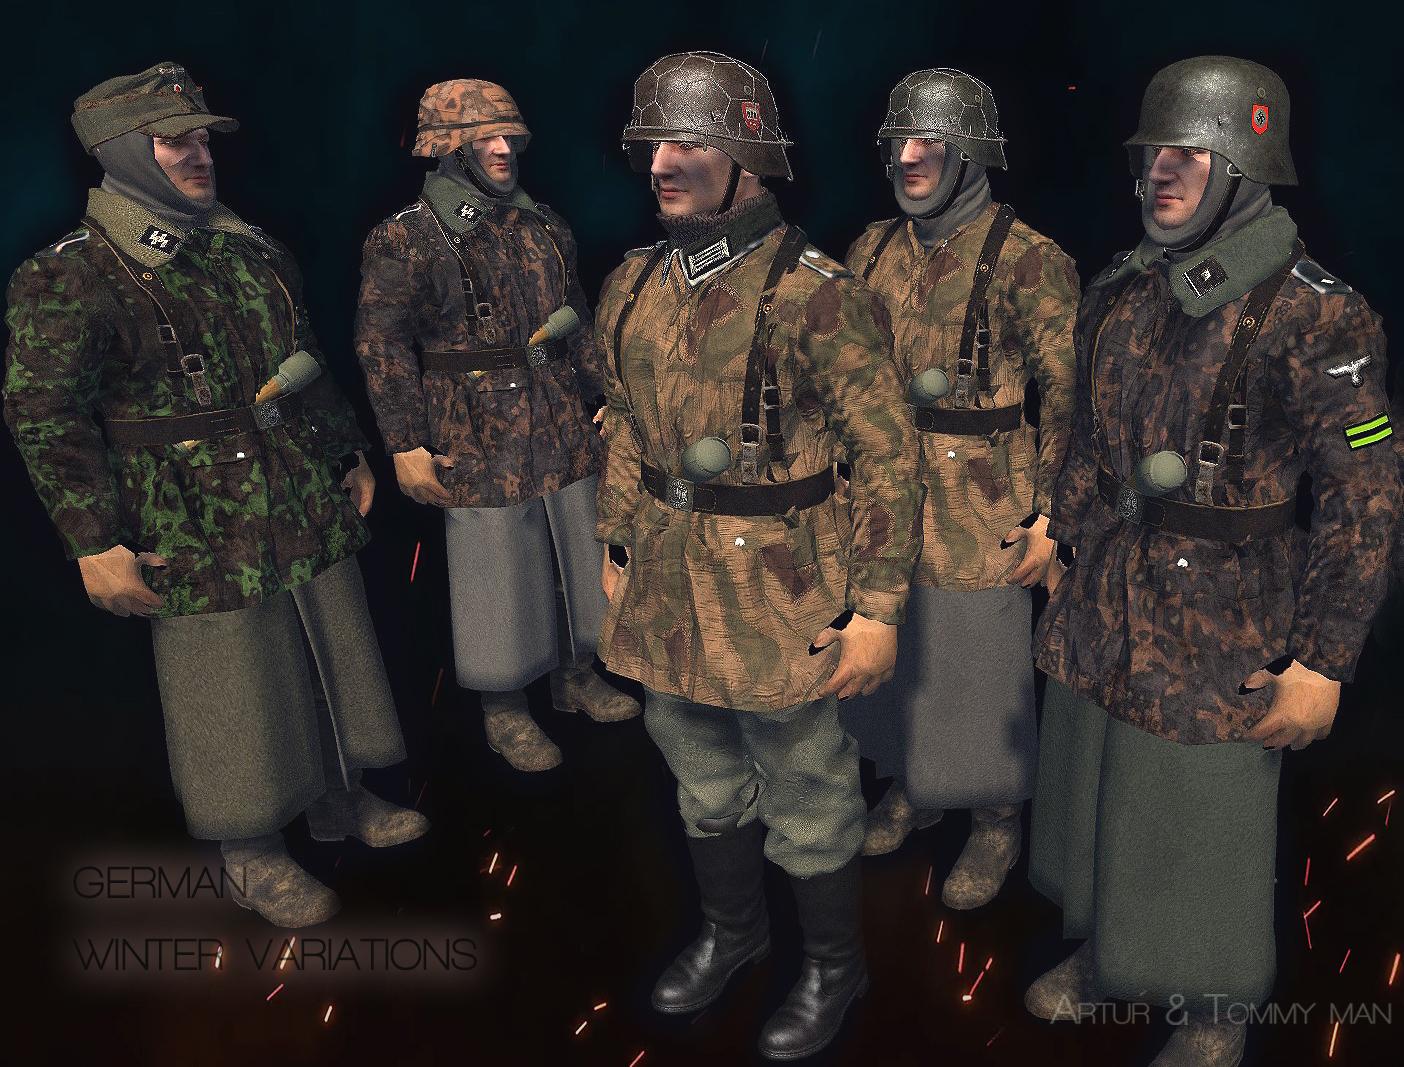 Waffen SS & Feldherrnhalle wINTER uNIFORMS 1944-45 Budapest